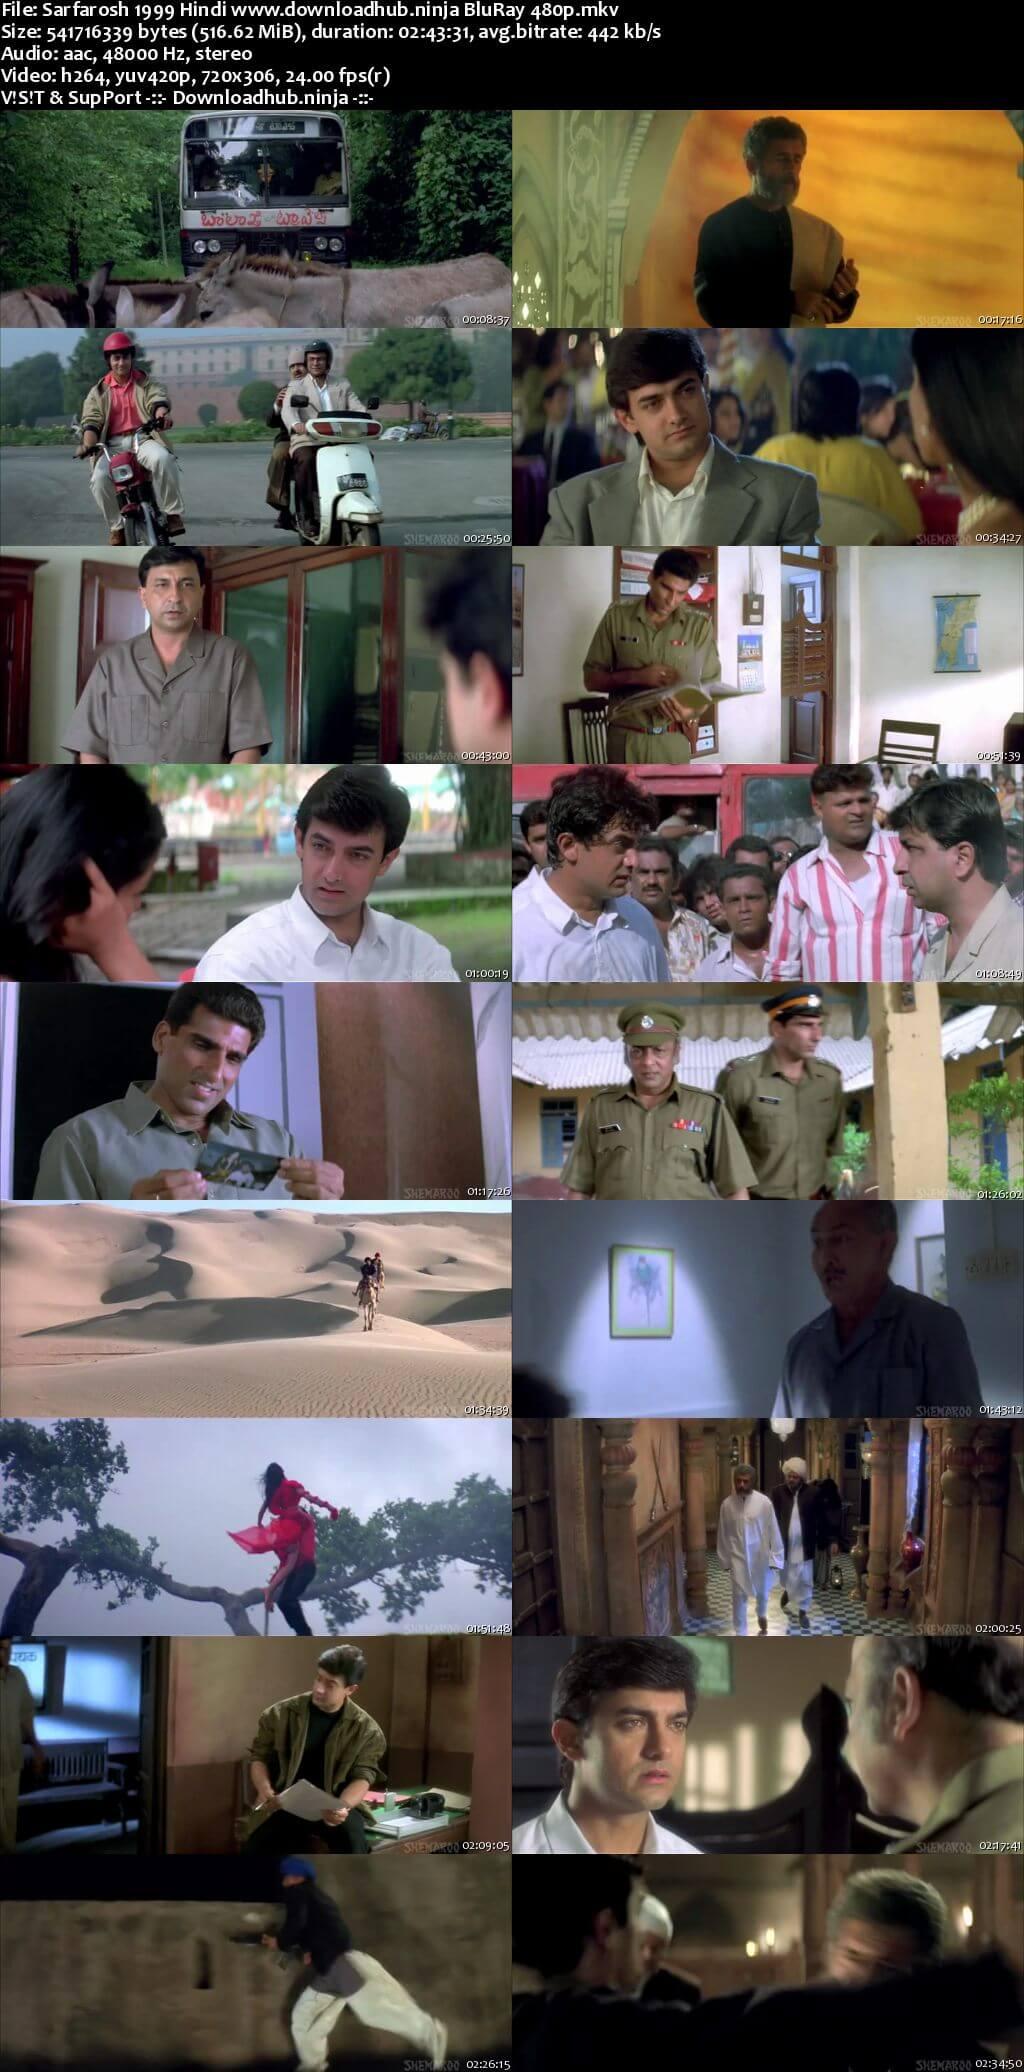 Sarfarosh 1999 Hindi 500MB BluRay 480p